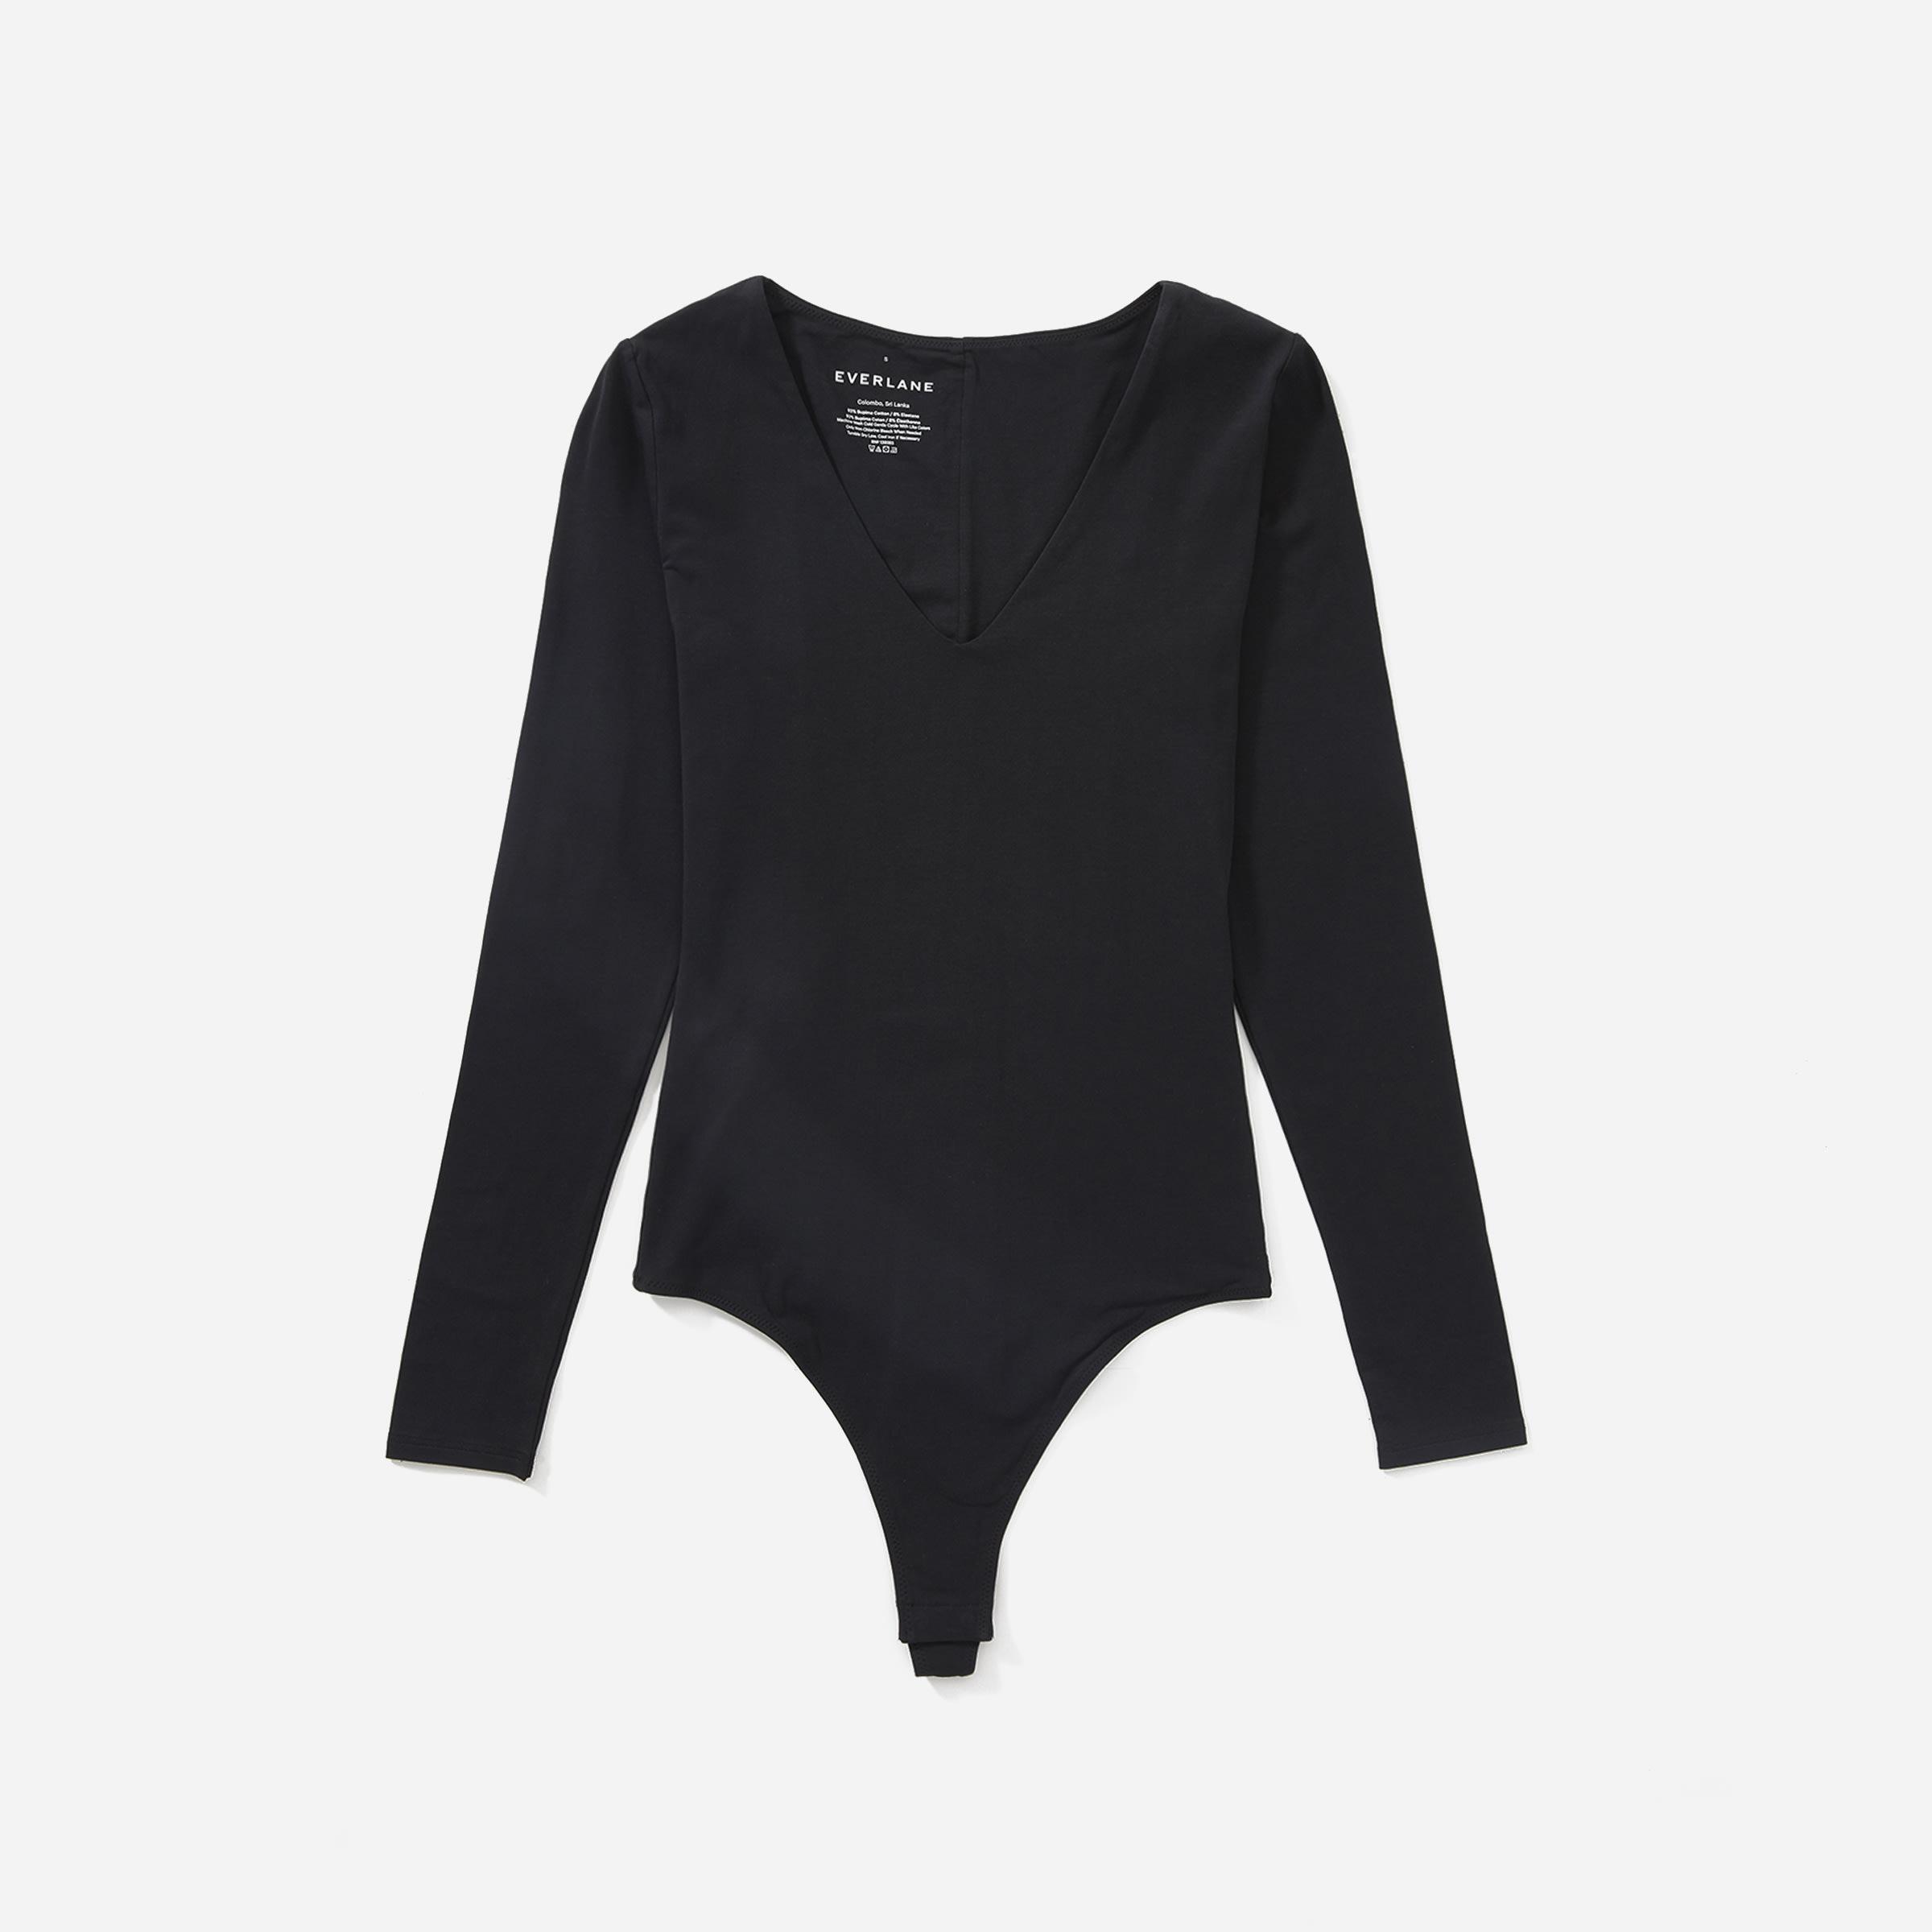 The Long-Sleeve V-Neck Bodysuit | Everlane